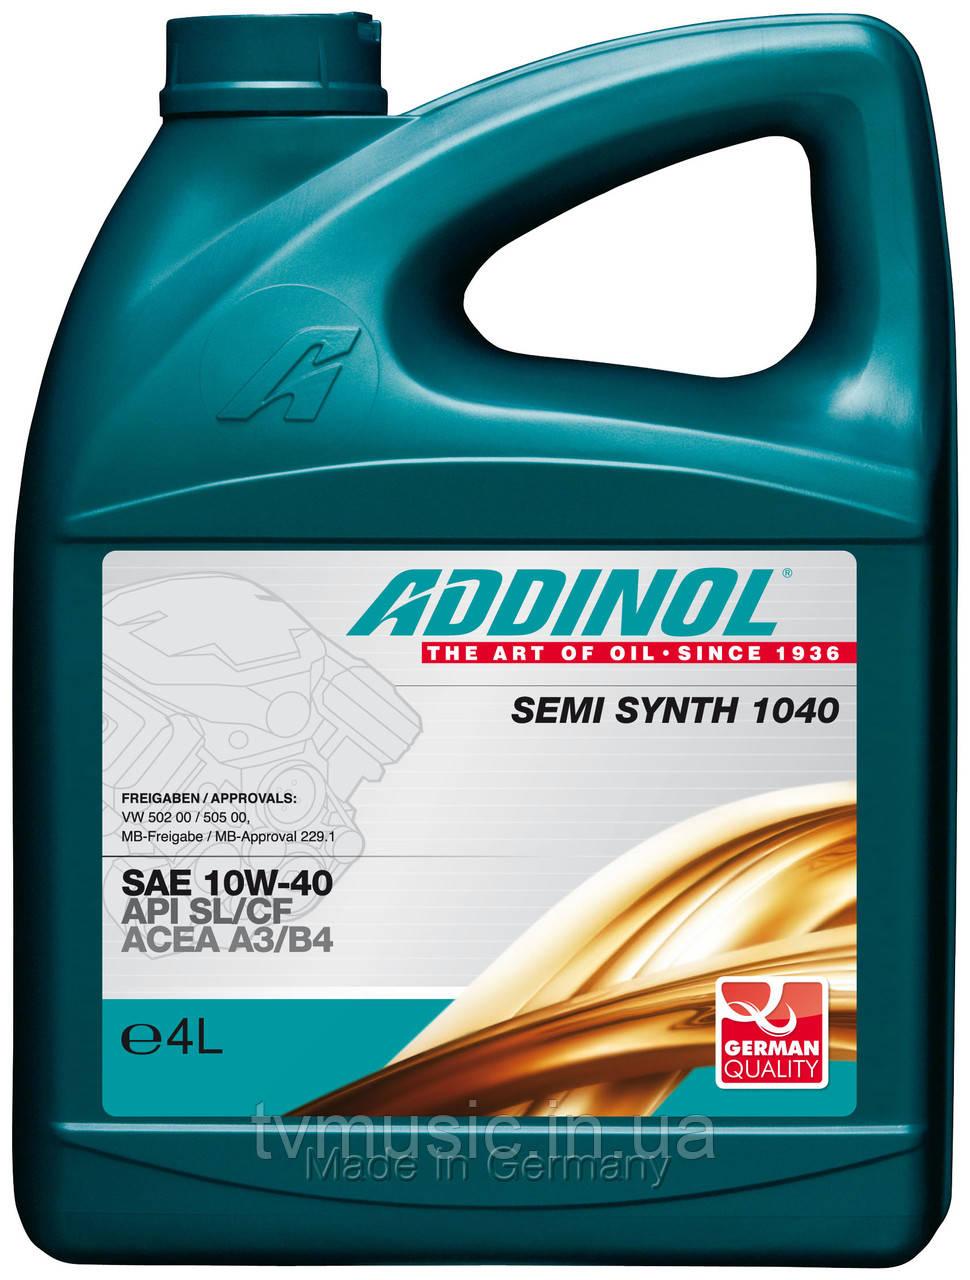 Масло моторное ADDINOL SEMI SYNTH 1040 (10W-40) 4L